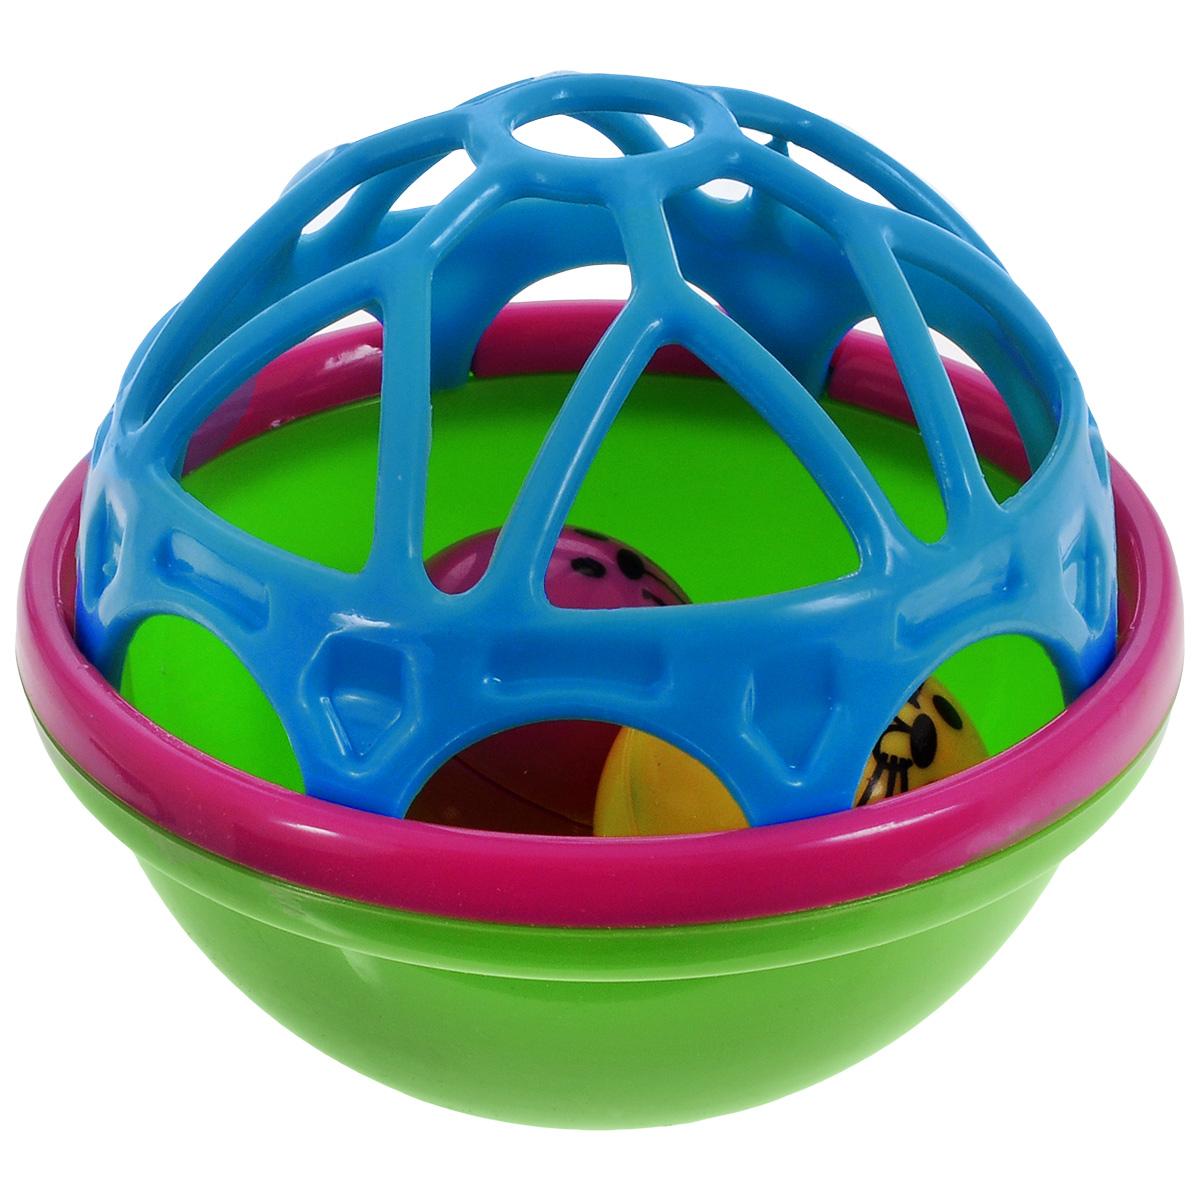 Погремушка для ванной Mioshi Лучшие друзья развивающая игрушка погремушка mioshi черепашка